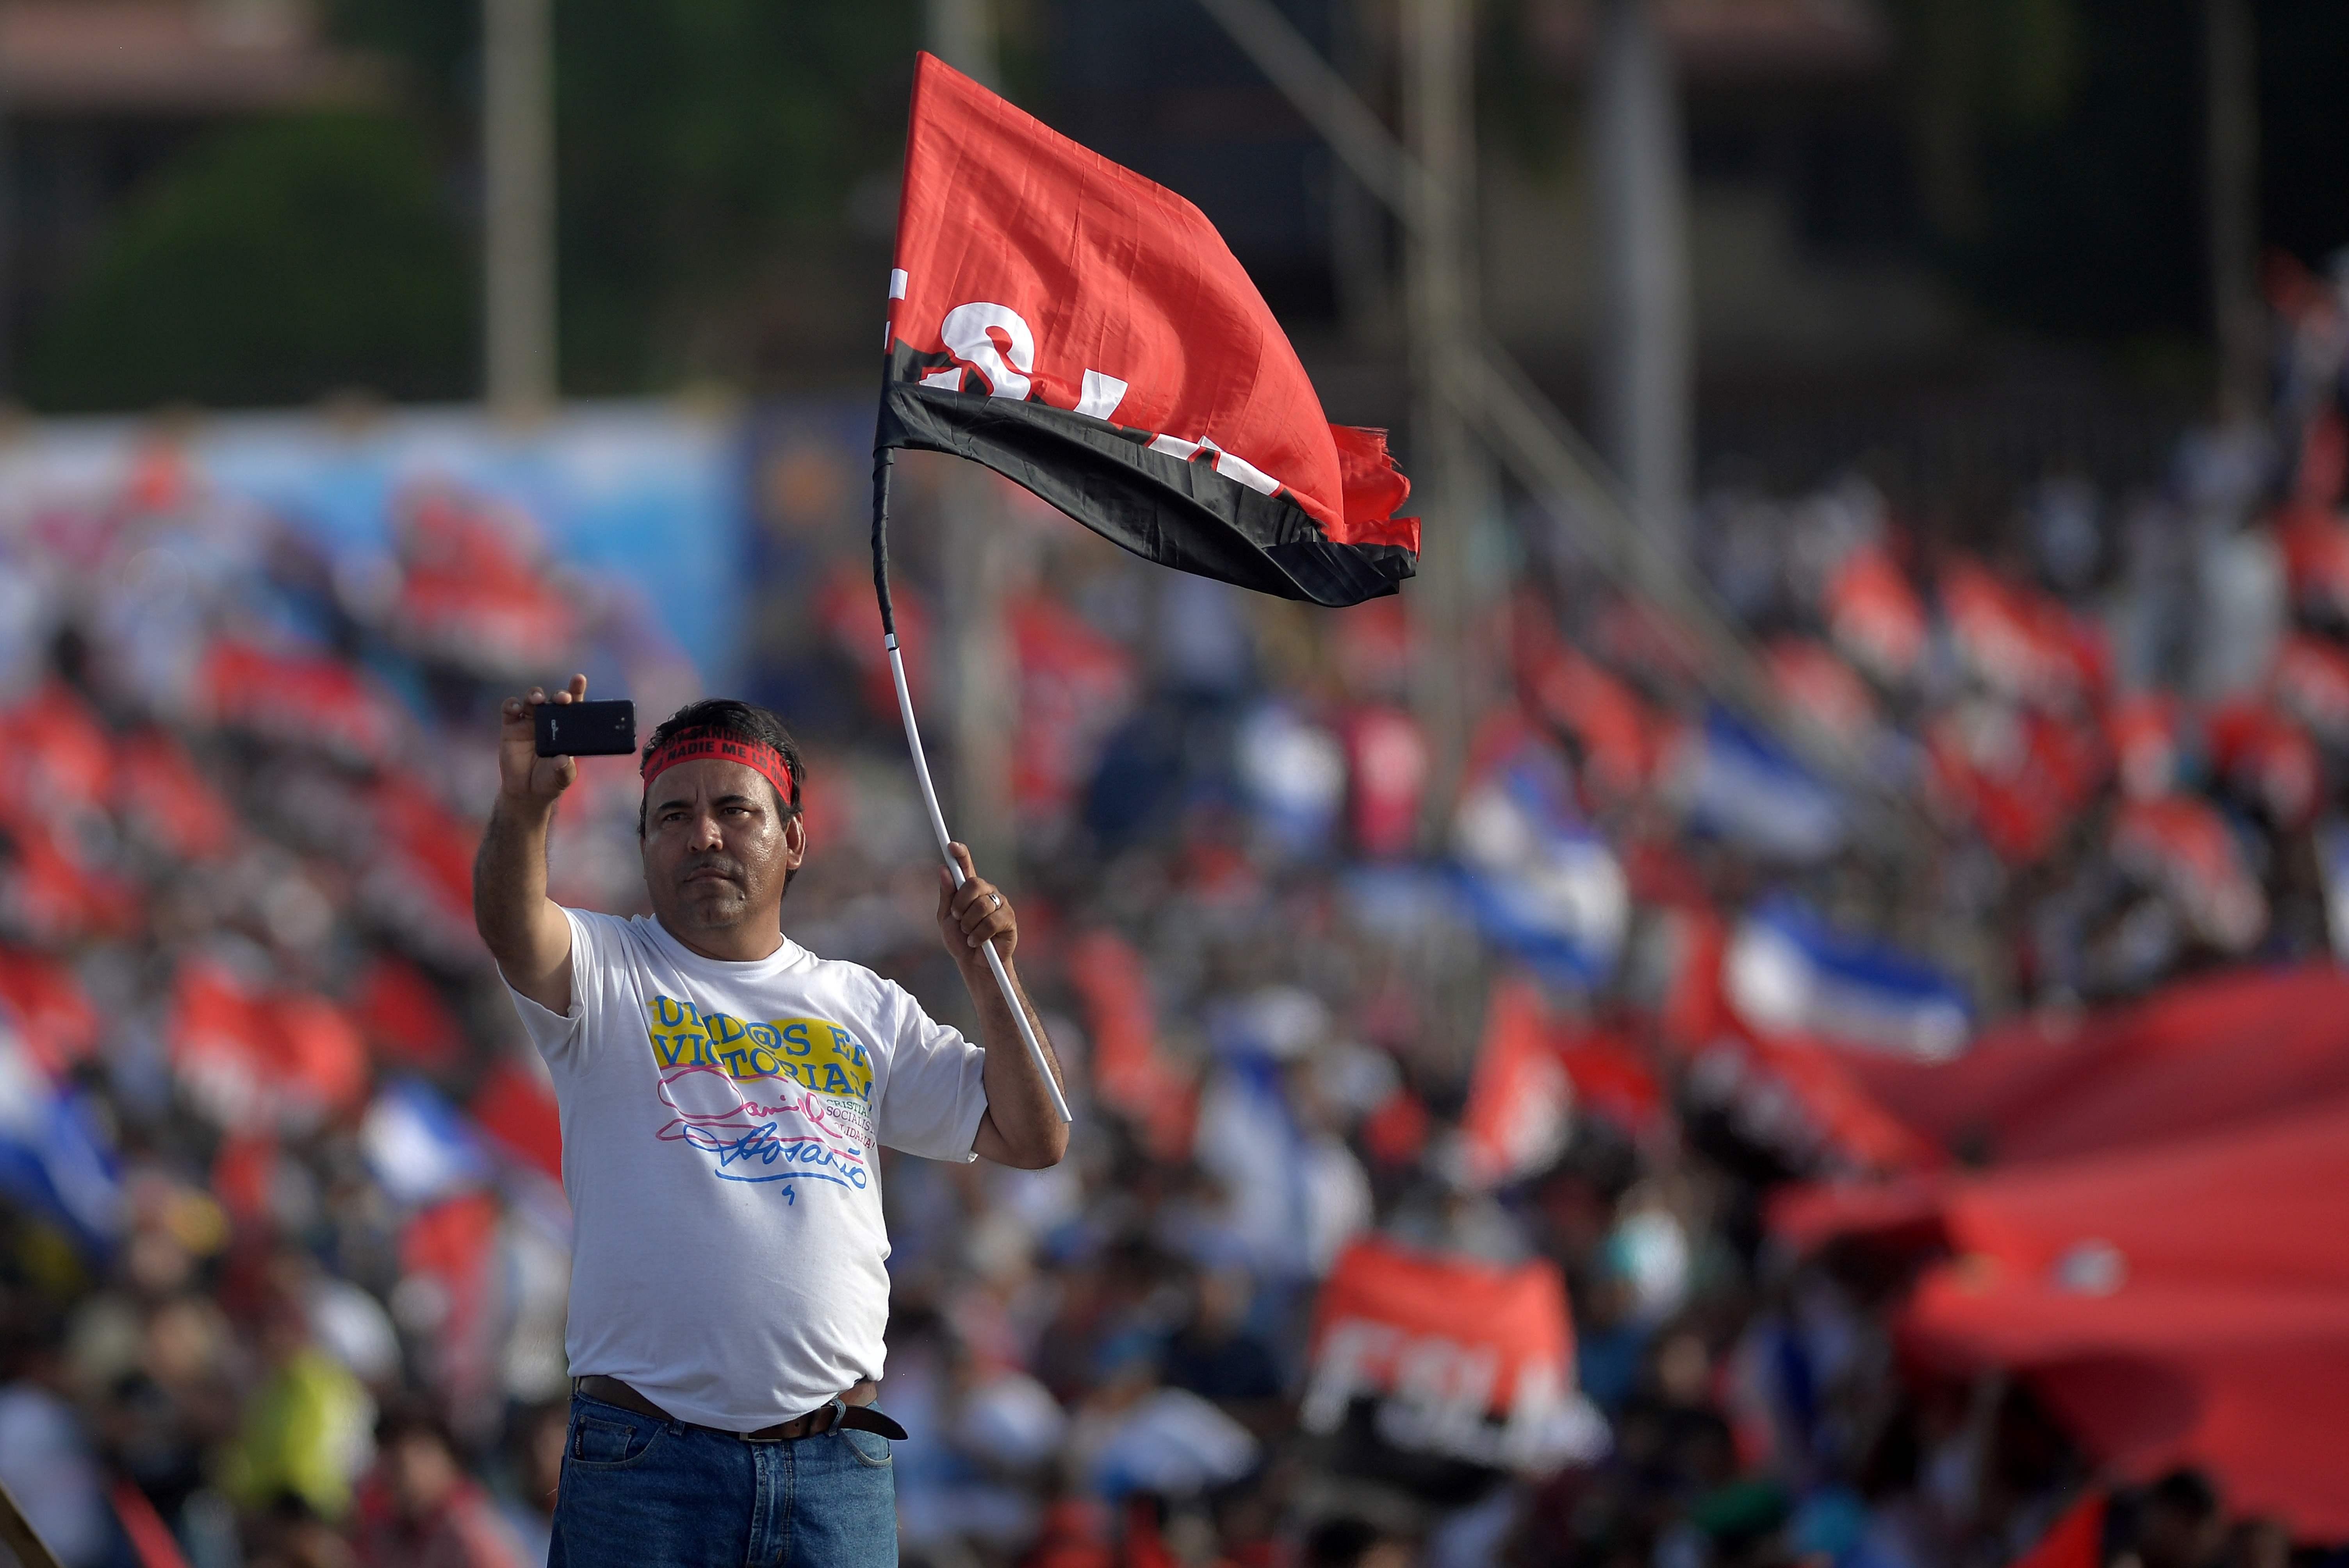 أحد مؤيدى رئيس نيكاراجوا دانييل أورتيجا